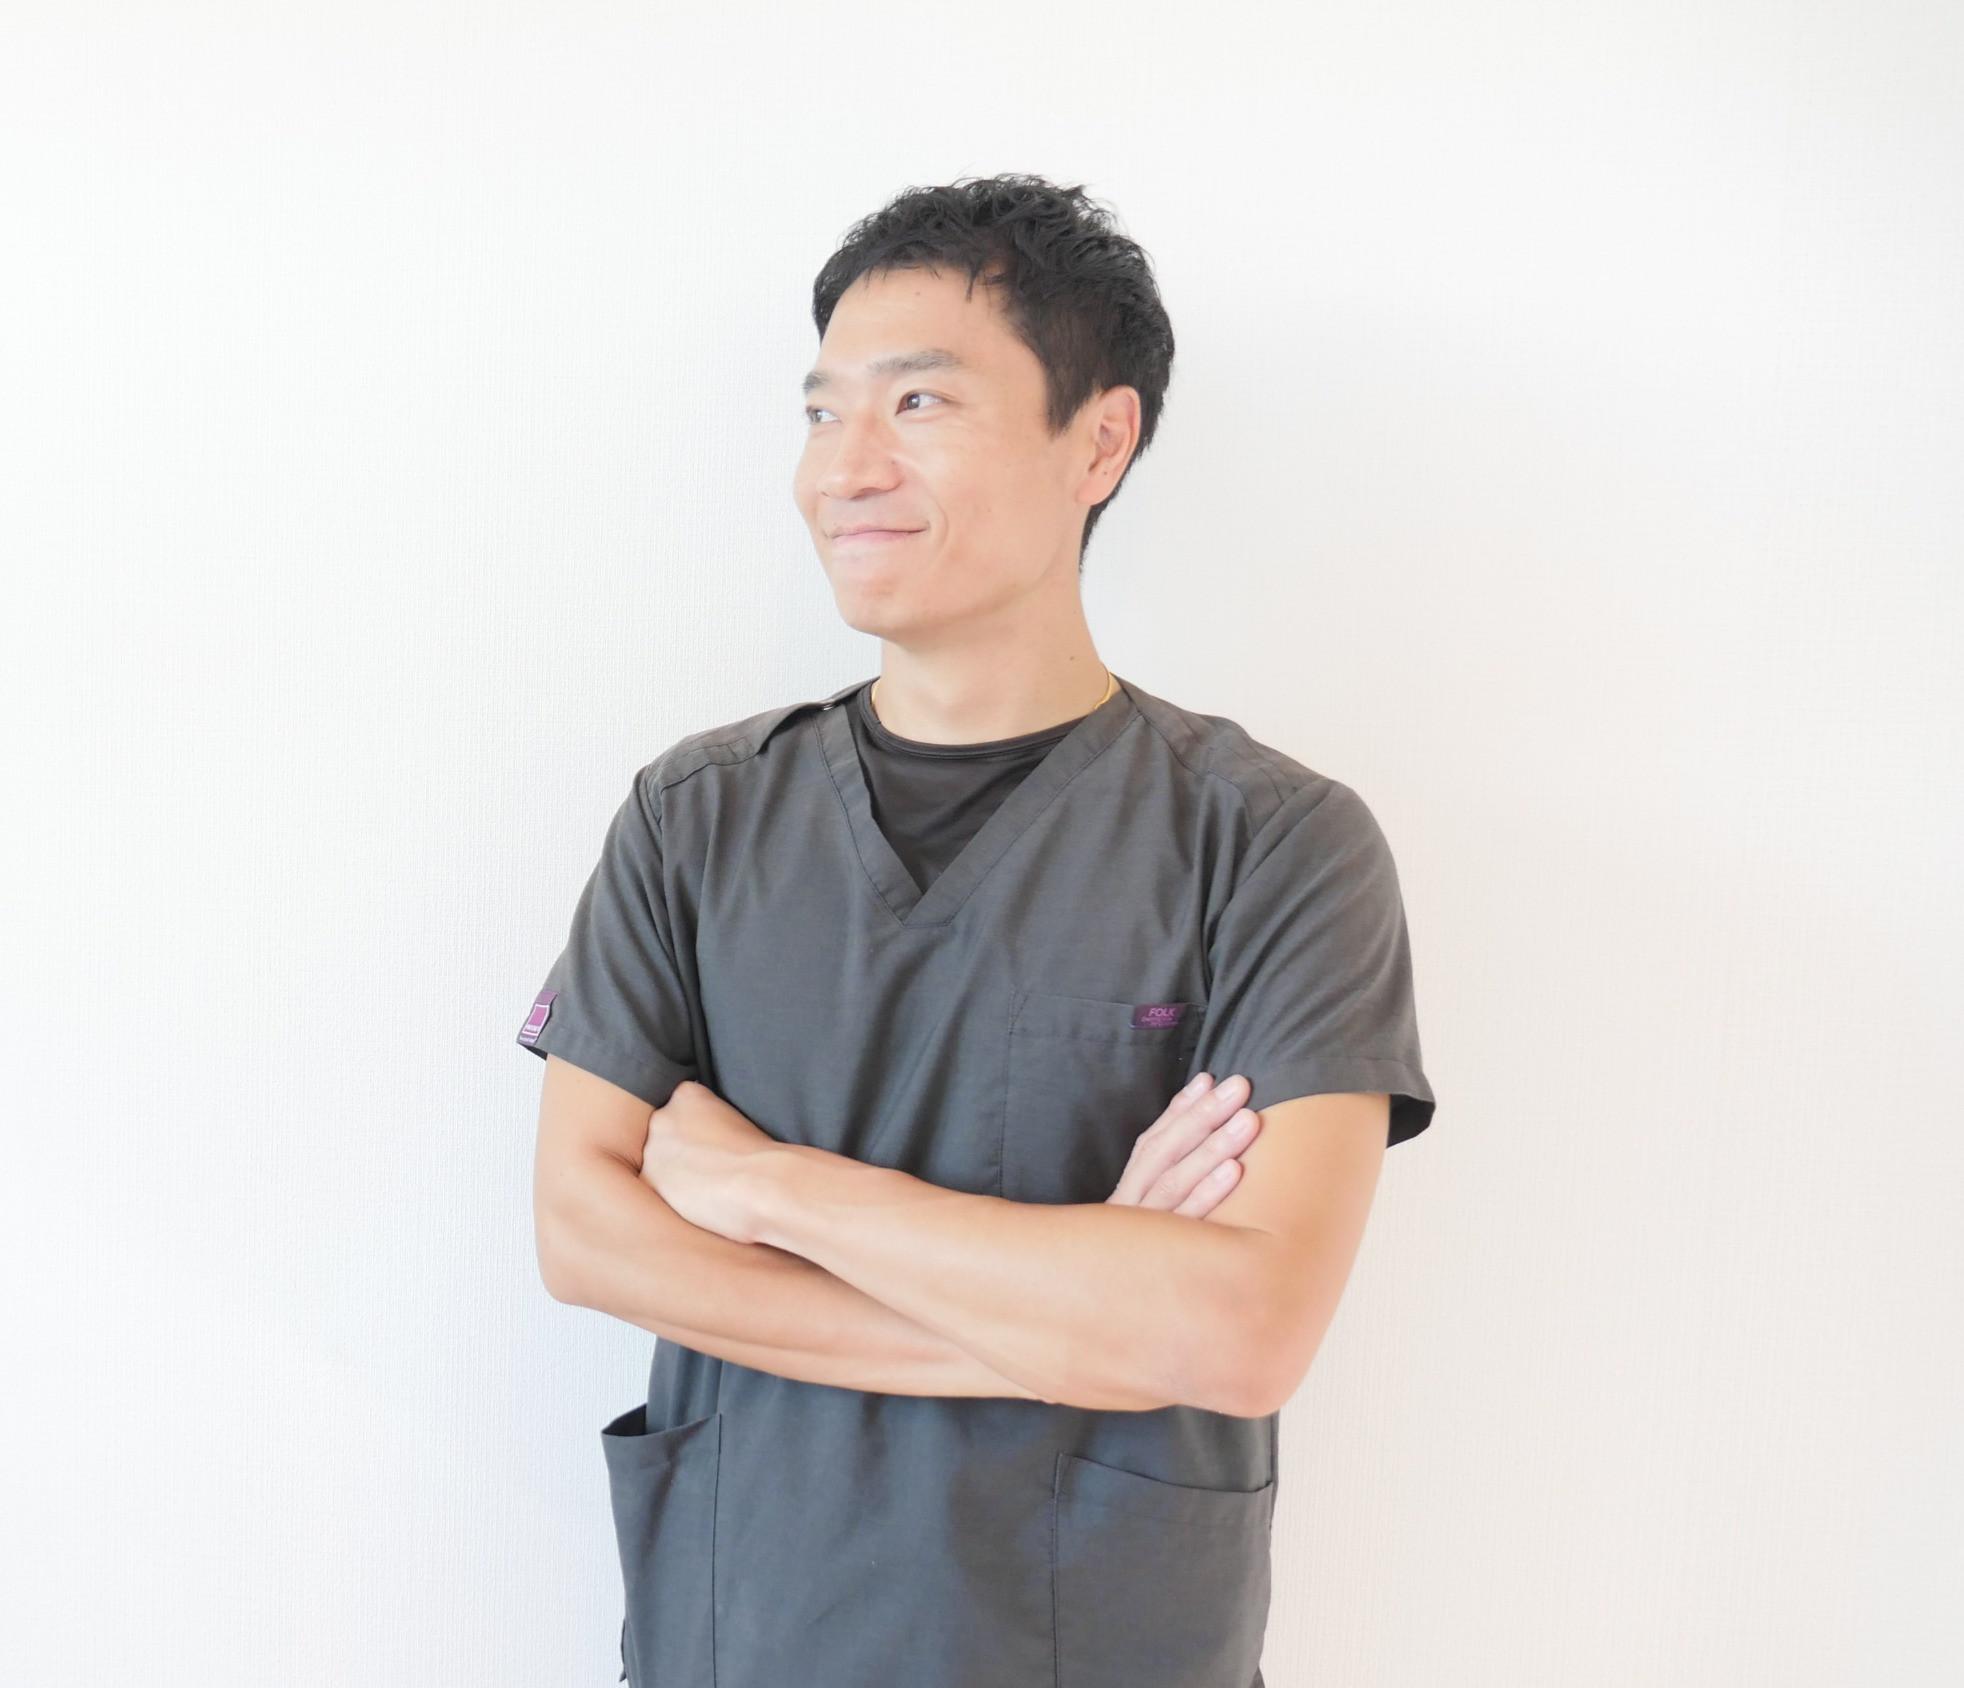 庭野院長の初診 / 再診カイロ|First & Return Visit